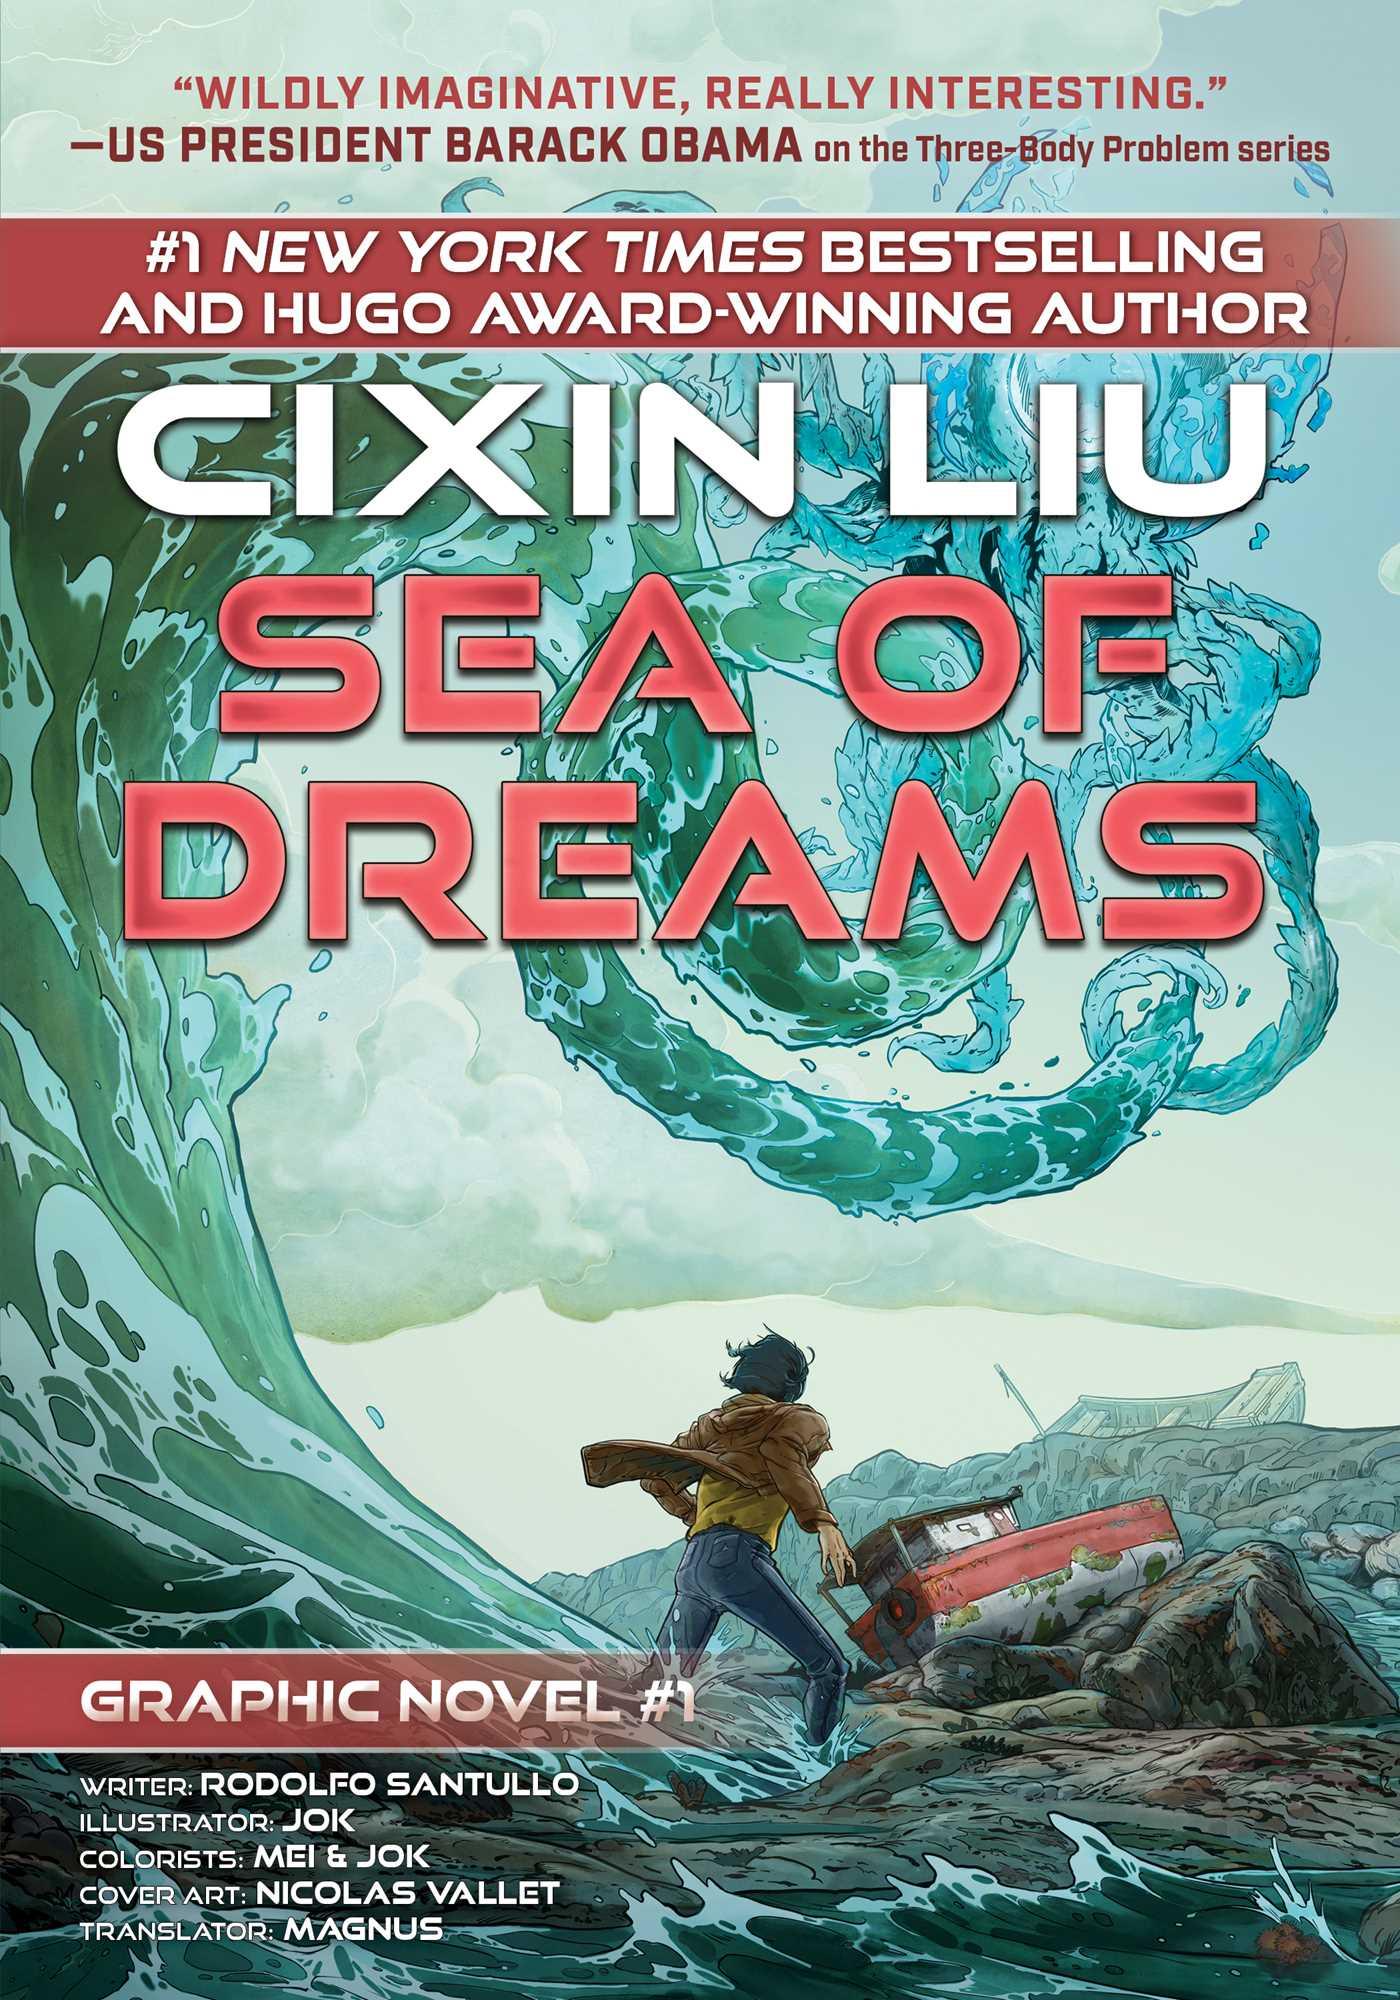 Sea of Dreams: Cixin Liu Graphic Novels #1